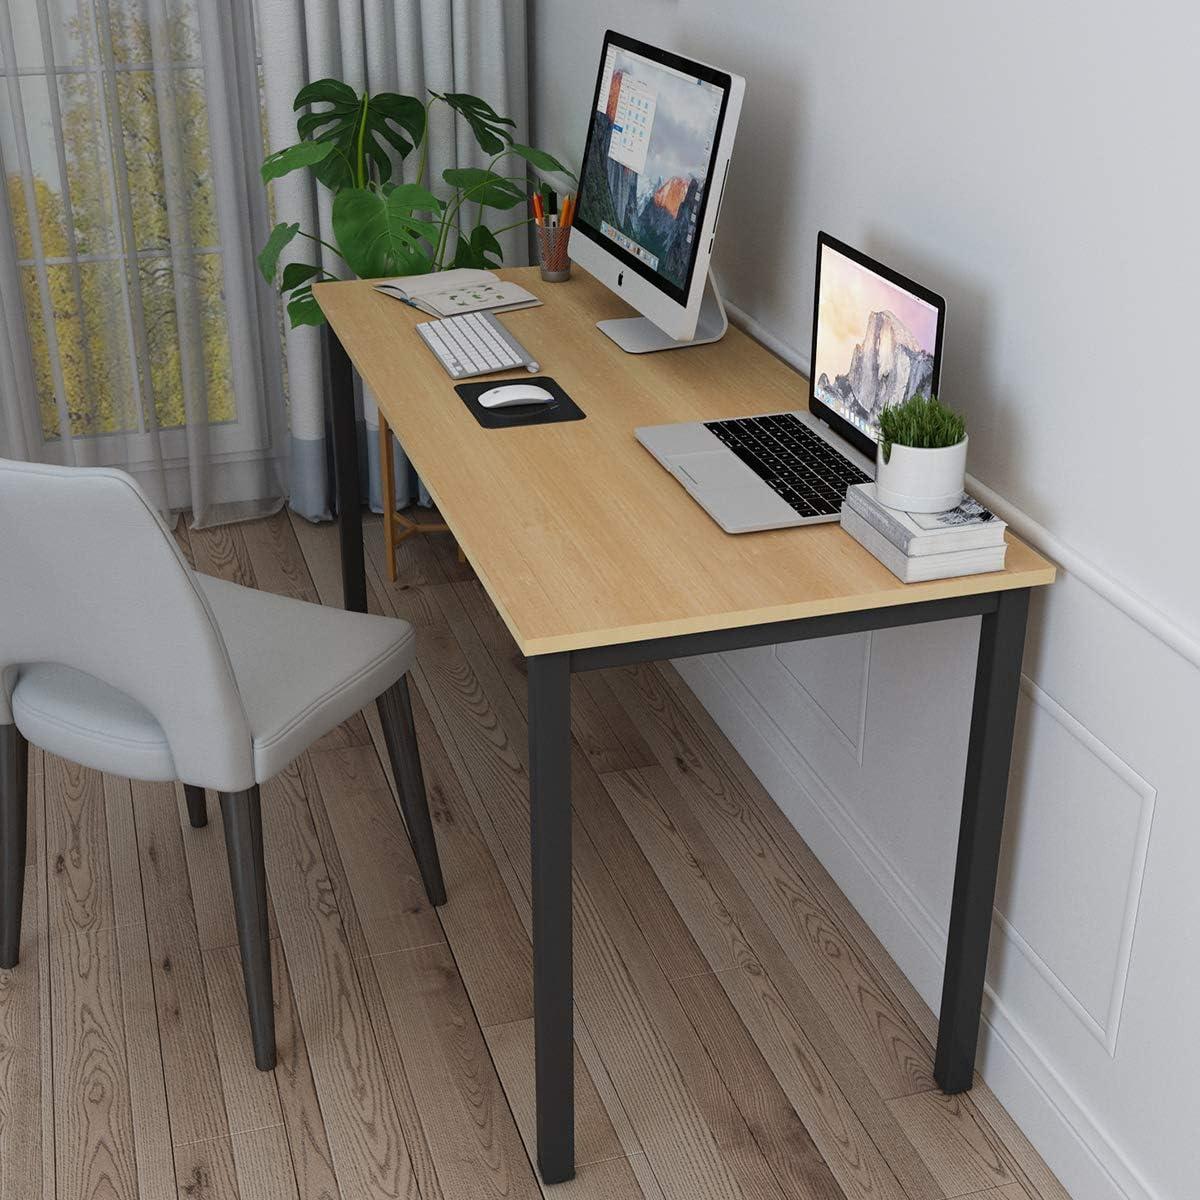 SogesHome Computer Desk 63 inches Large Desk Writing Desk